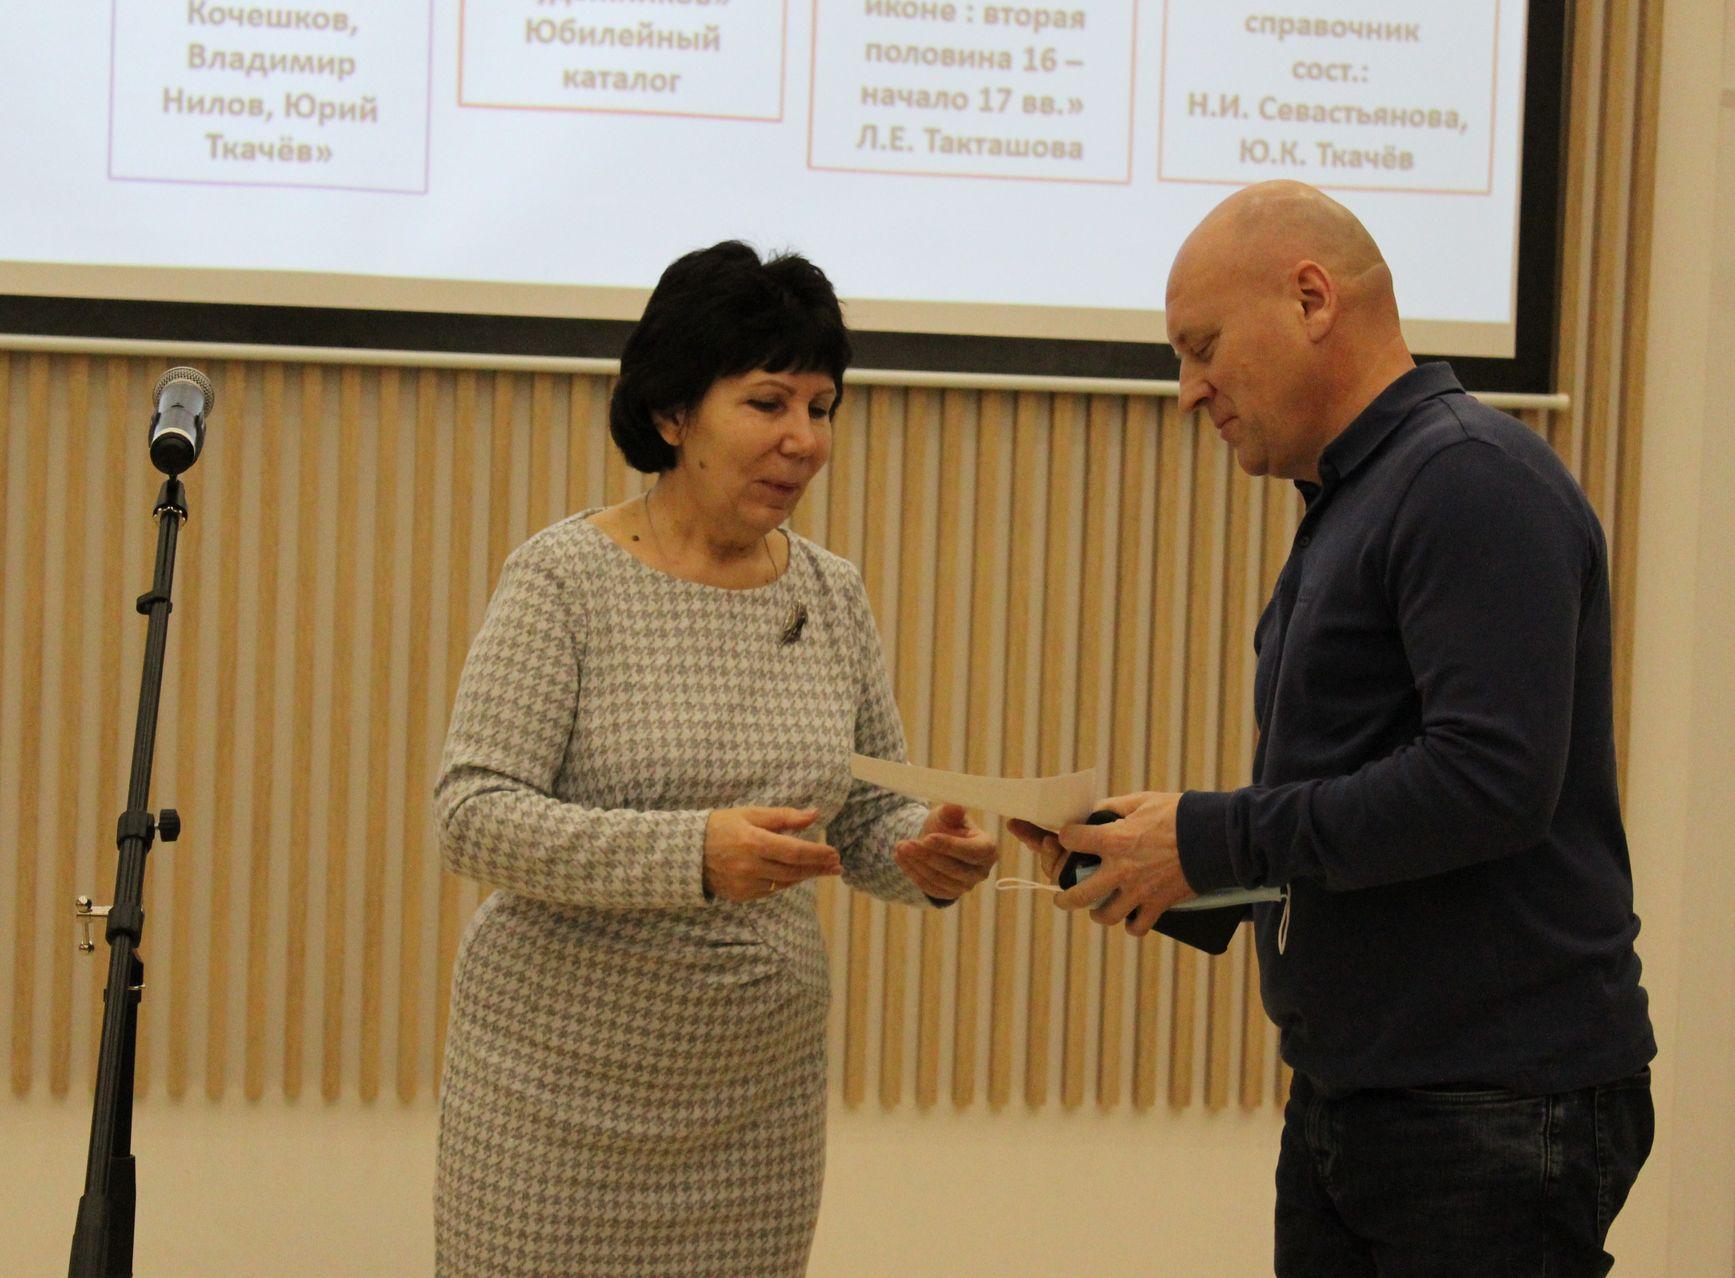 Татьяна Васильевна Брагина награждает номинантов